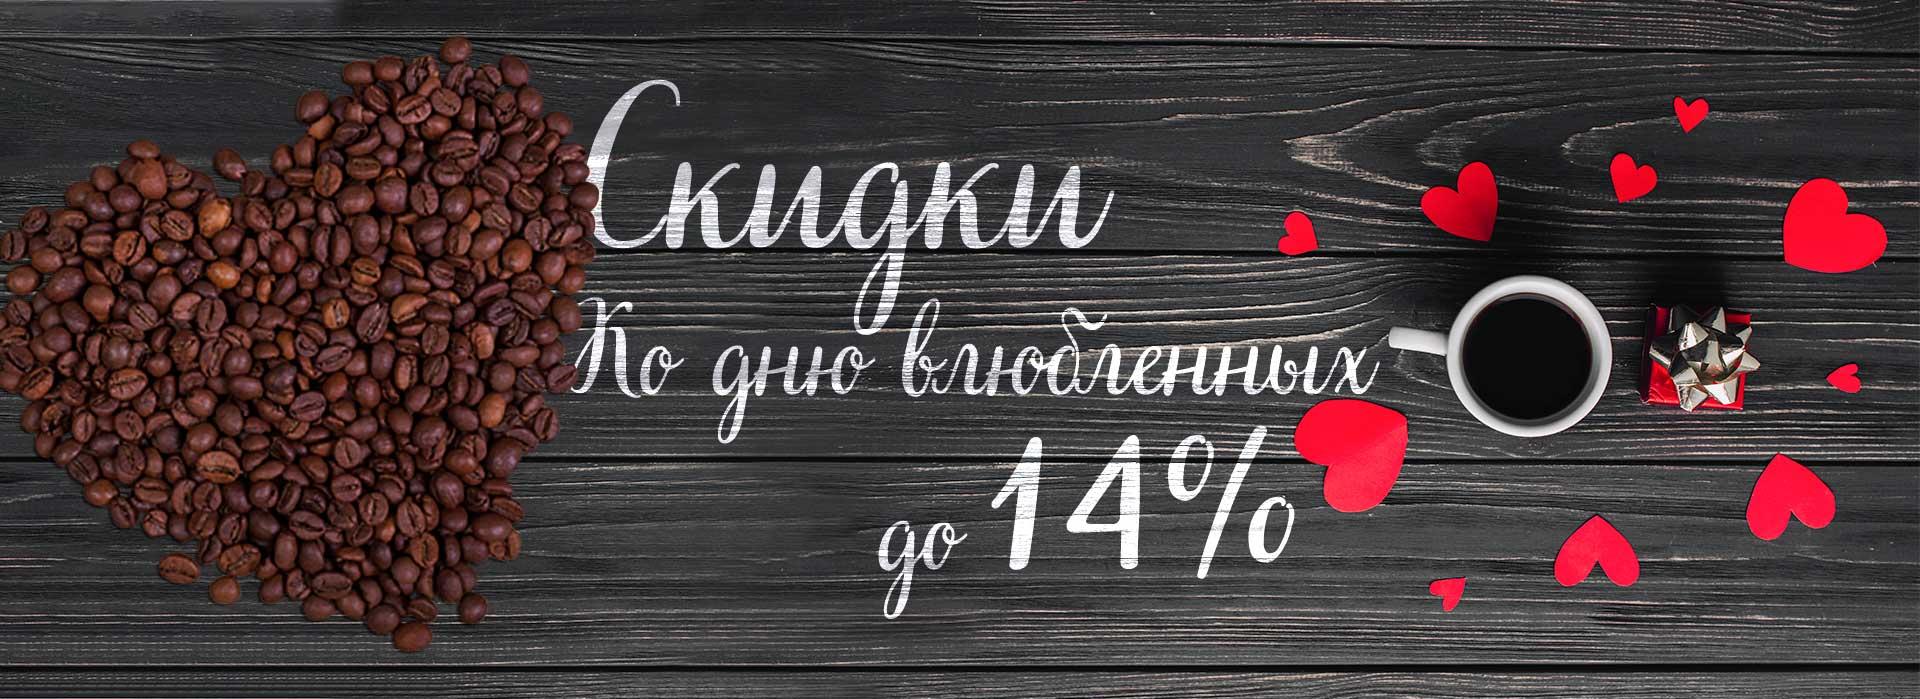 Скидки ко дню влюбленных до 14%